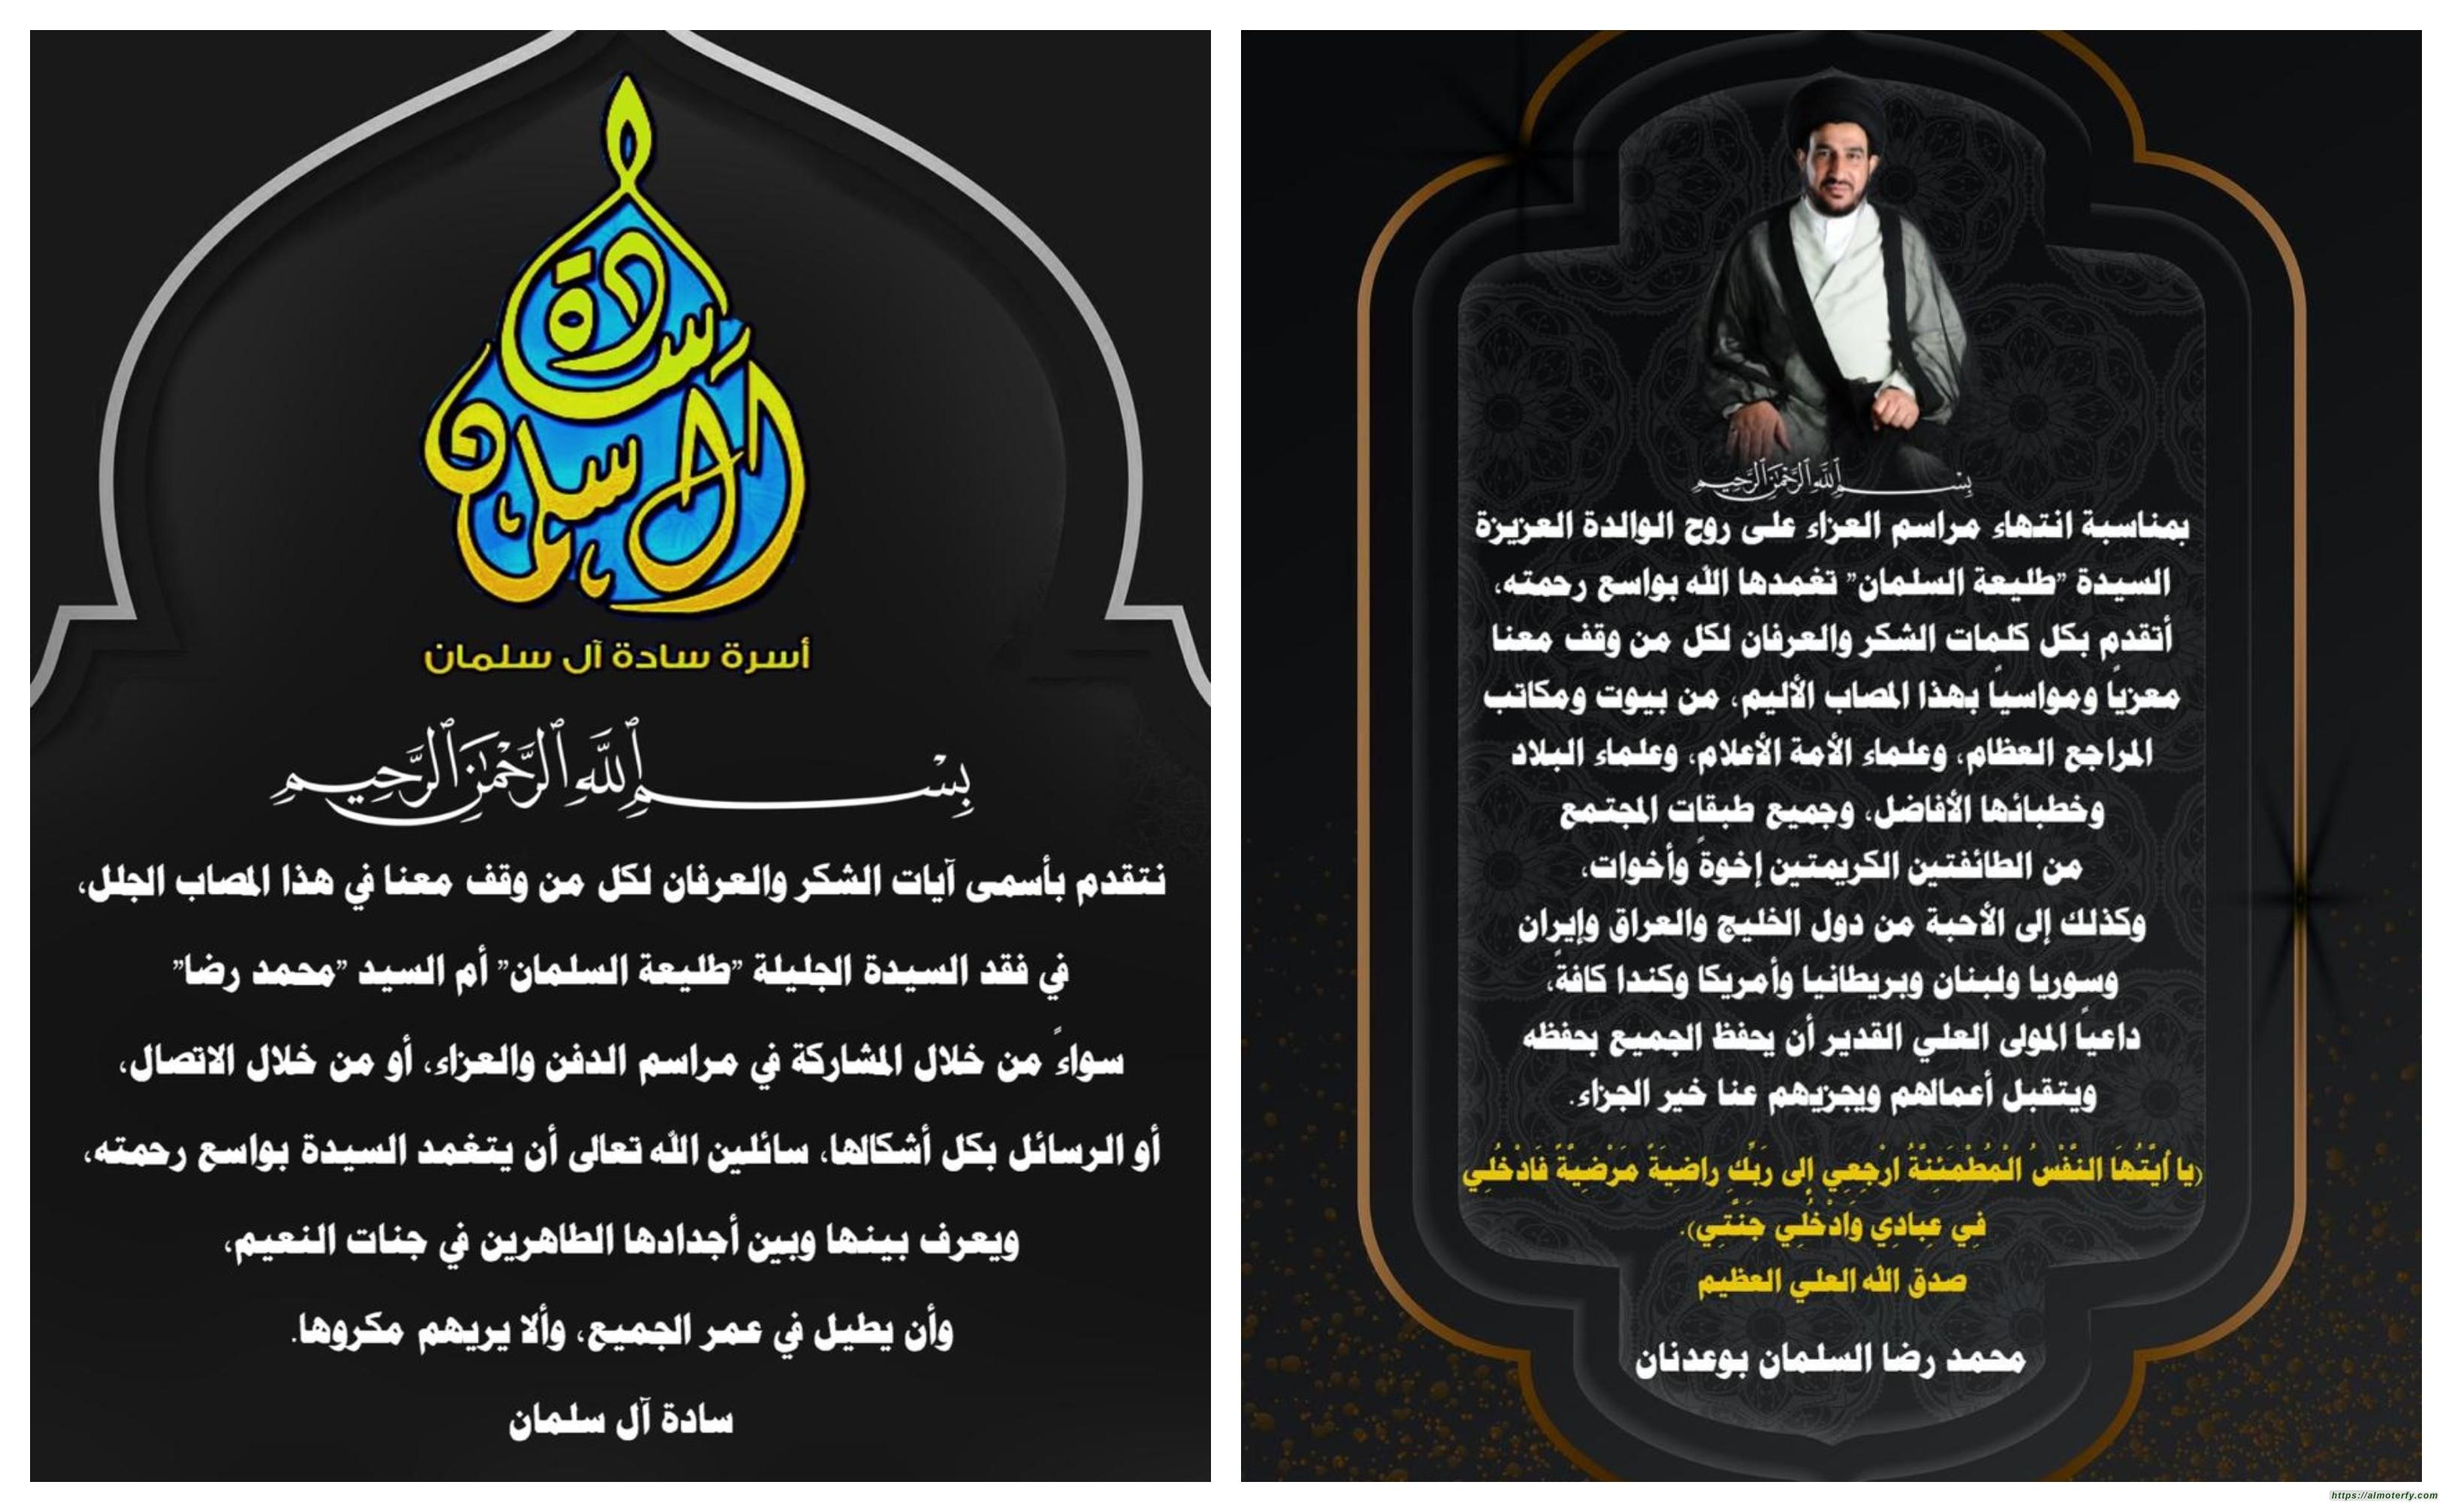 رسالتي شكر على التعزية من سادة آل سلمان ومن سماحة اية الله السيد أبا عدنان